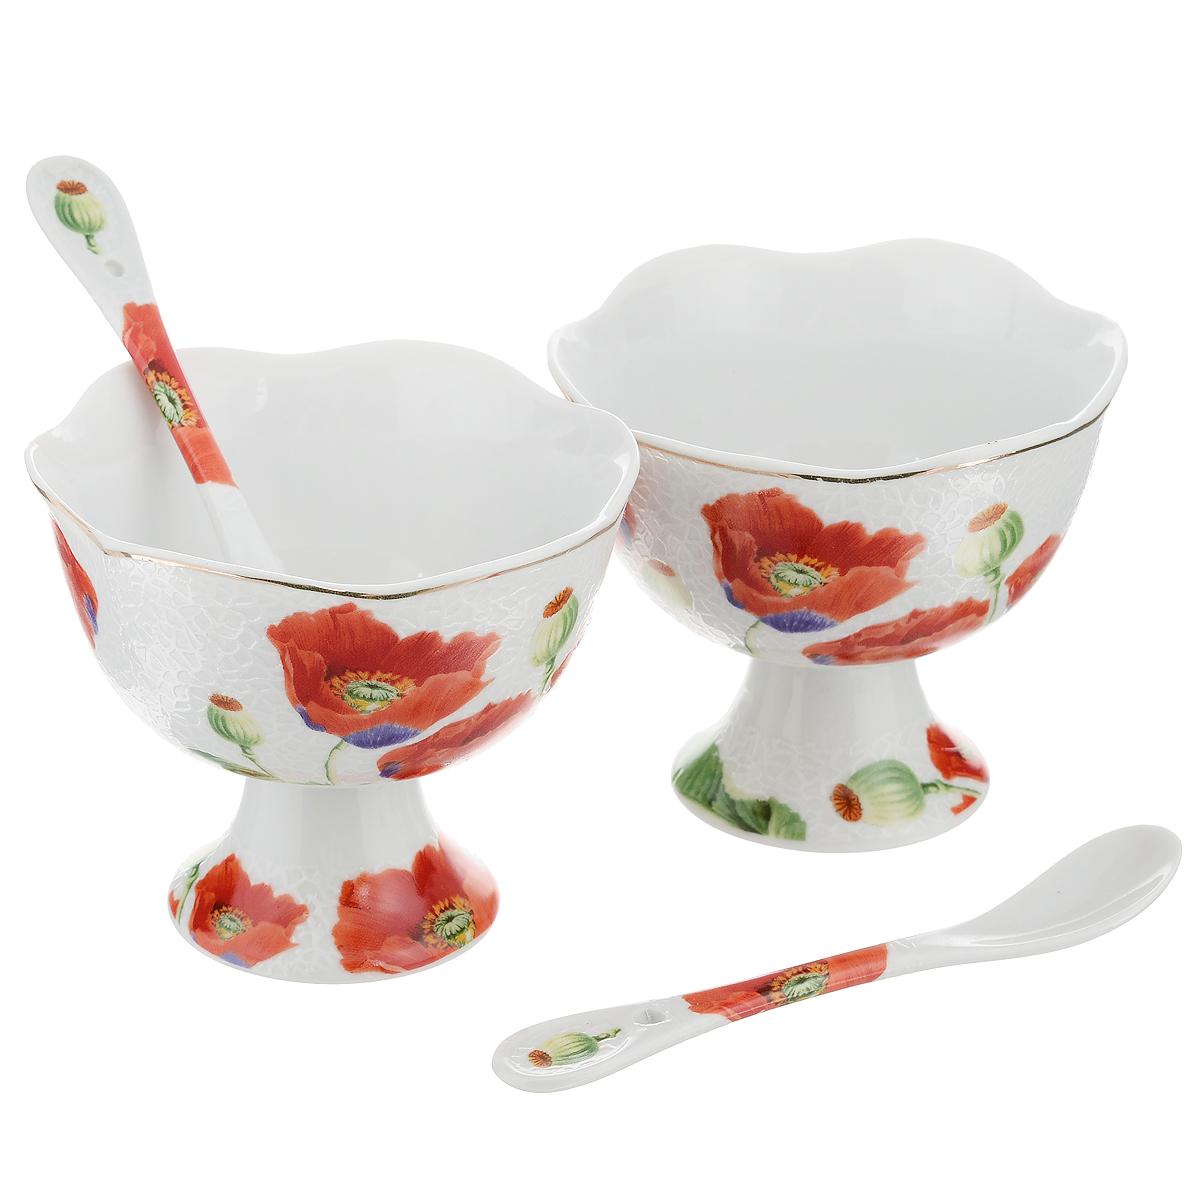 Набор креманок Briswild Цветы мака, с ложками, 4 предмета545-375Набор Briswild Цветы мака состоит из двух креманок и двух ложек, выполненных из высококачественного фарфора и украшенных изображением цветов. Креманки прекрасно подойдут для подачи десертов и мороженого. Такой набор украсит любой праздничный стол, а также может стать отличным подарком к любому празднику.Не использовать в микроволновой печи. Не применять абразивные моющие средства.